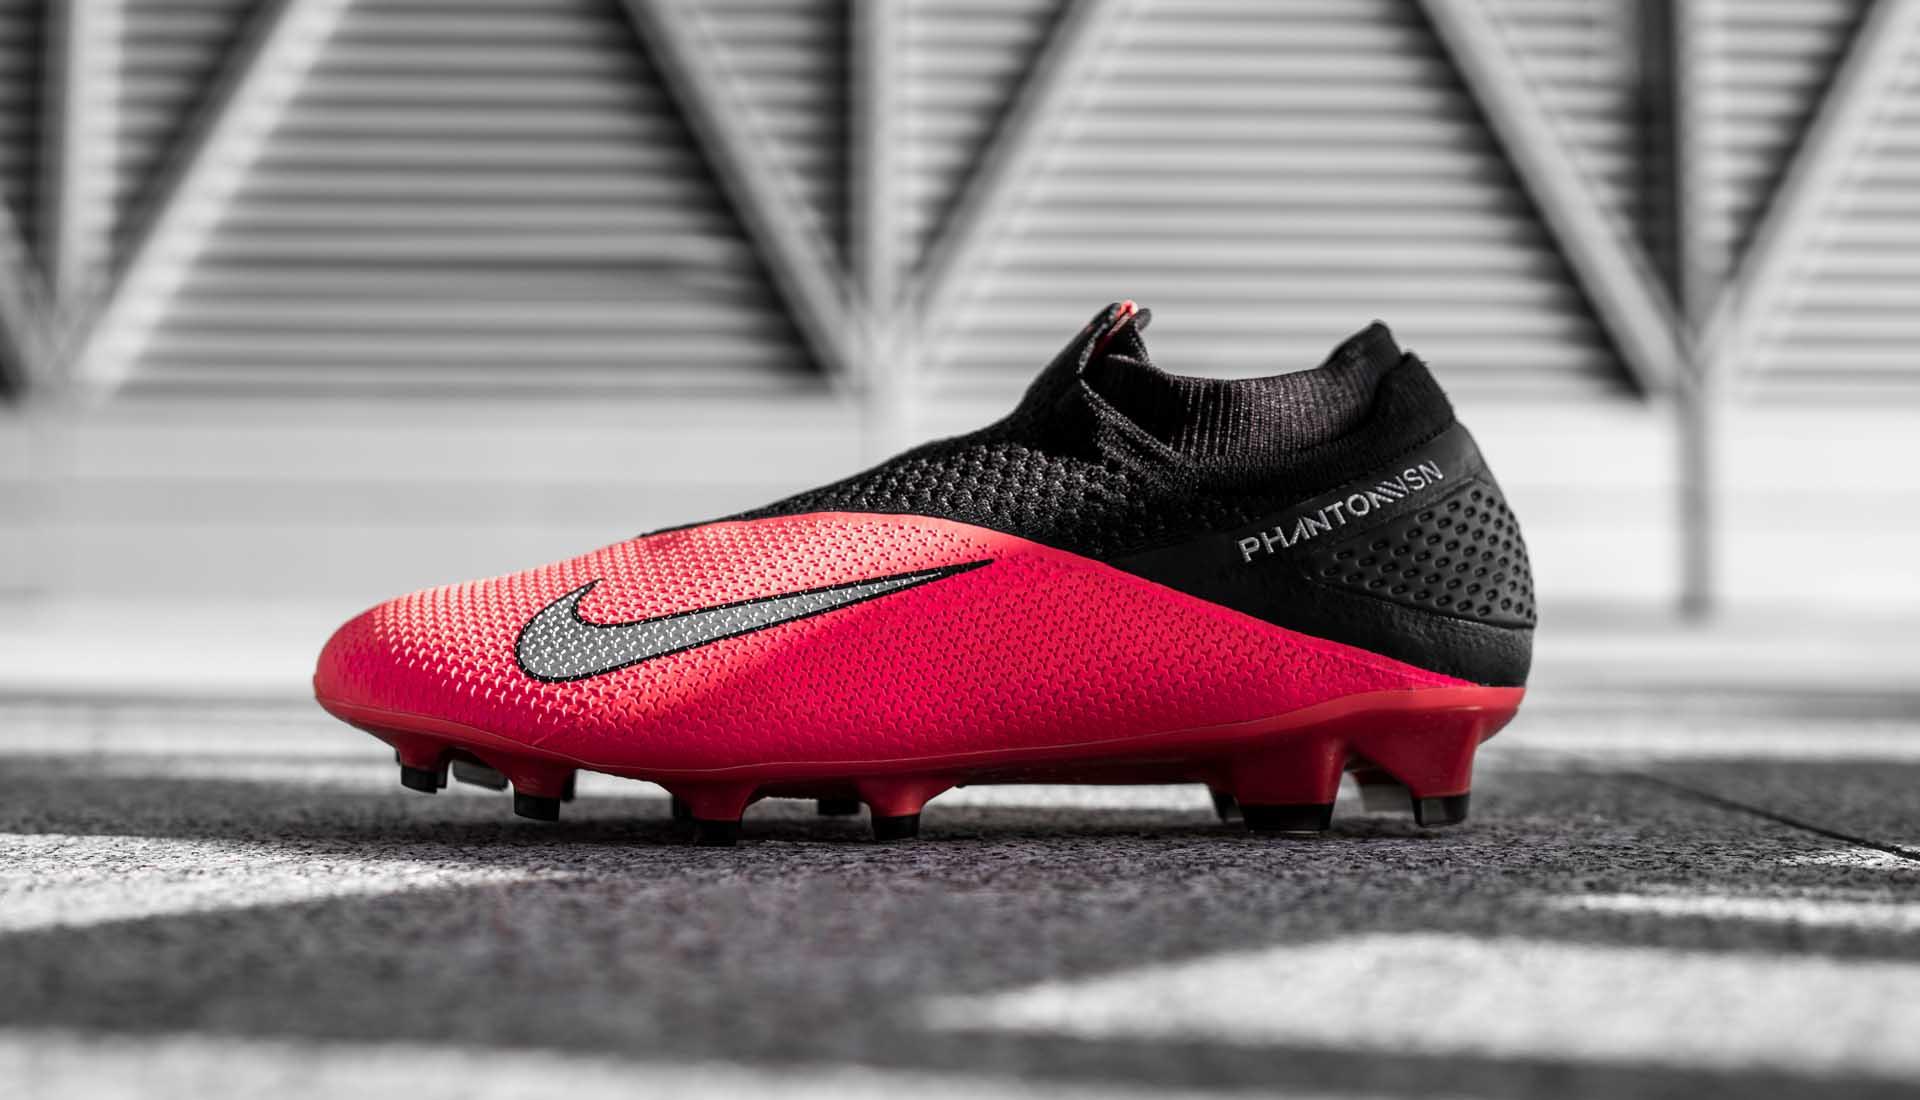 Nike Phantom Vision (VSN) là dòng giày đá bóng hỗ trợ kiểm soát bóng cho tiền vệ